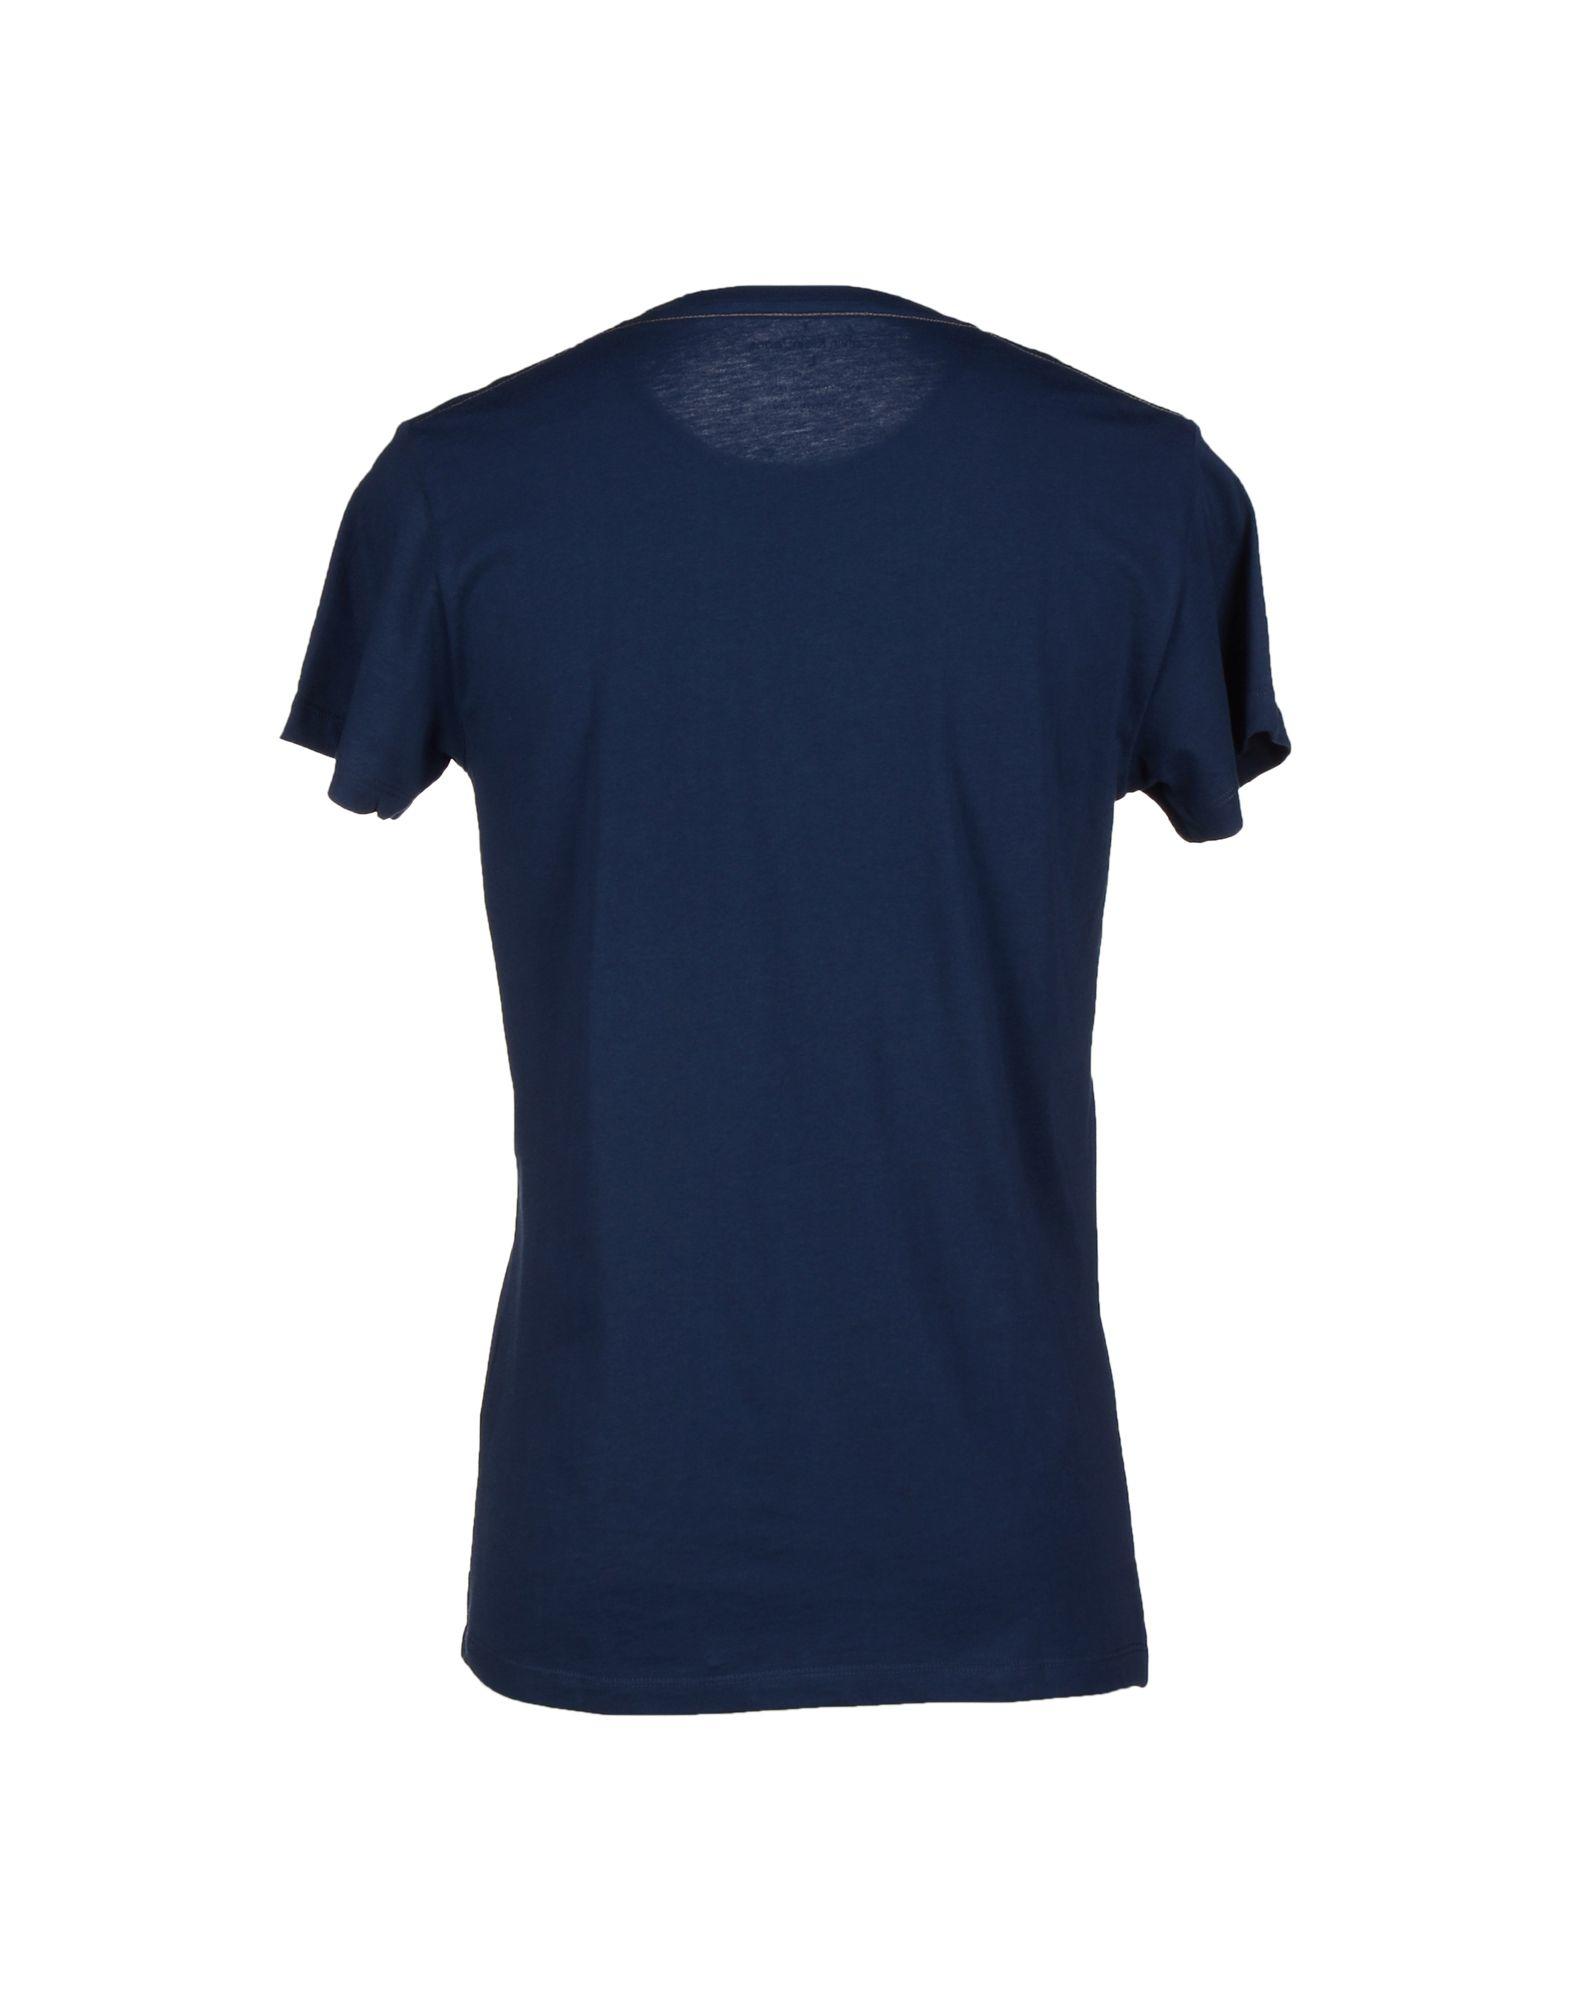 calvin klein jeans t shirt in blue for men lyst. Black Bedroom Furniture Sets. Home Design Ideas